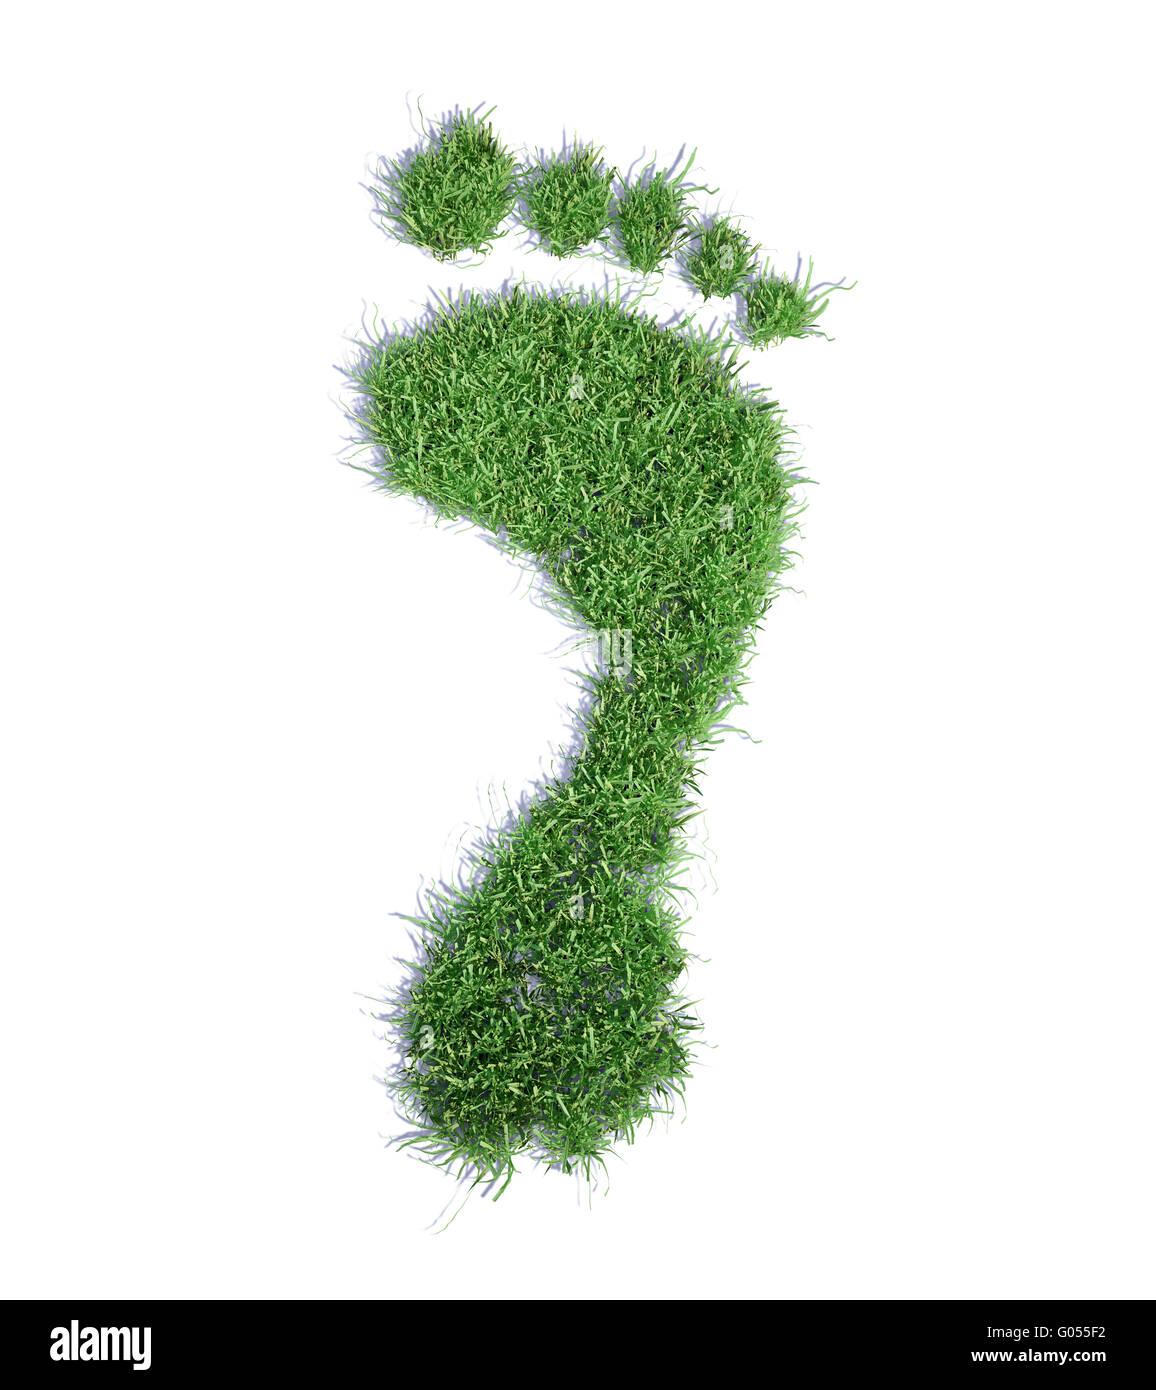 Concept de l'empreinte écologique de l'herbe - illustration empreinte patch Photo Stock